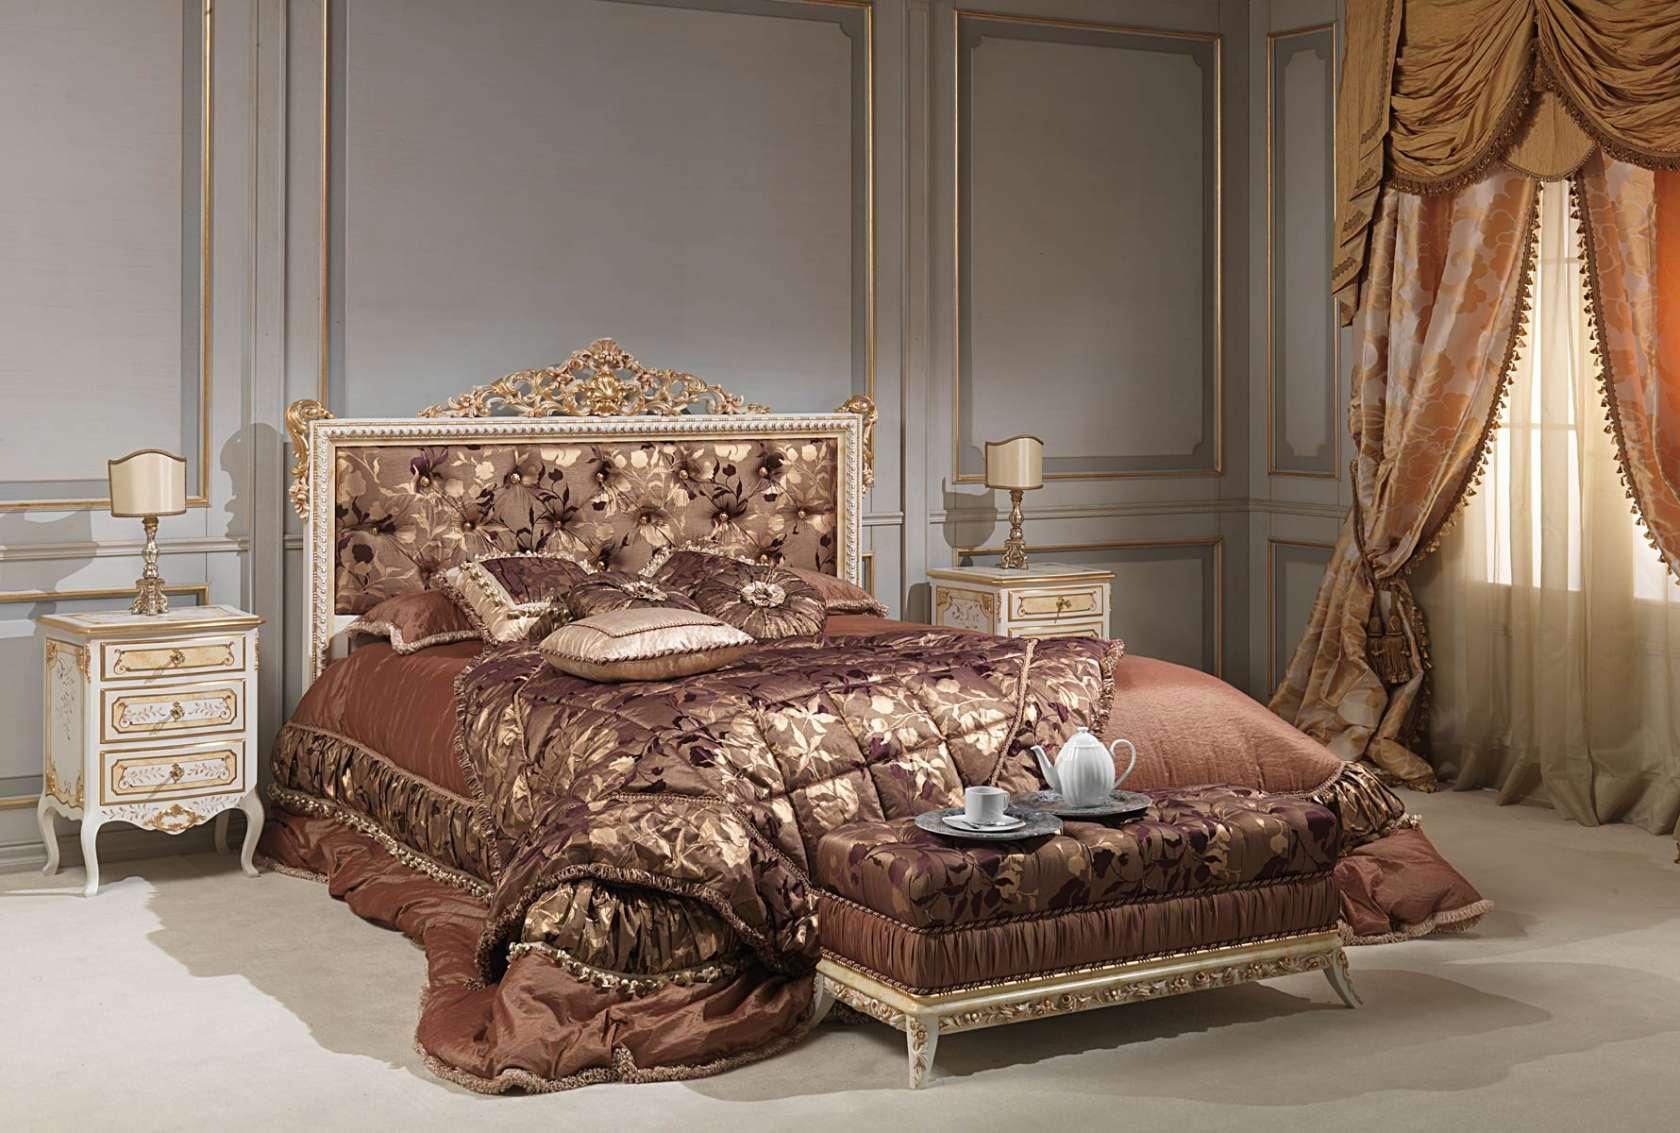 Camera da letto classica Louvre, letto capitonné avorio, comodini ...